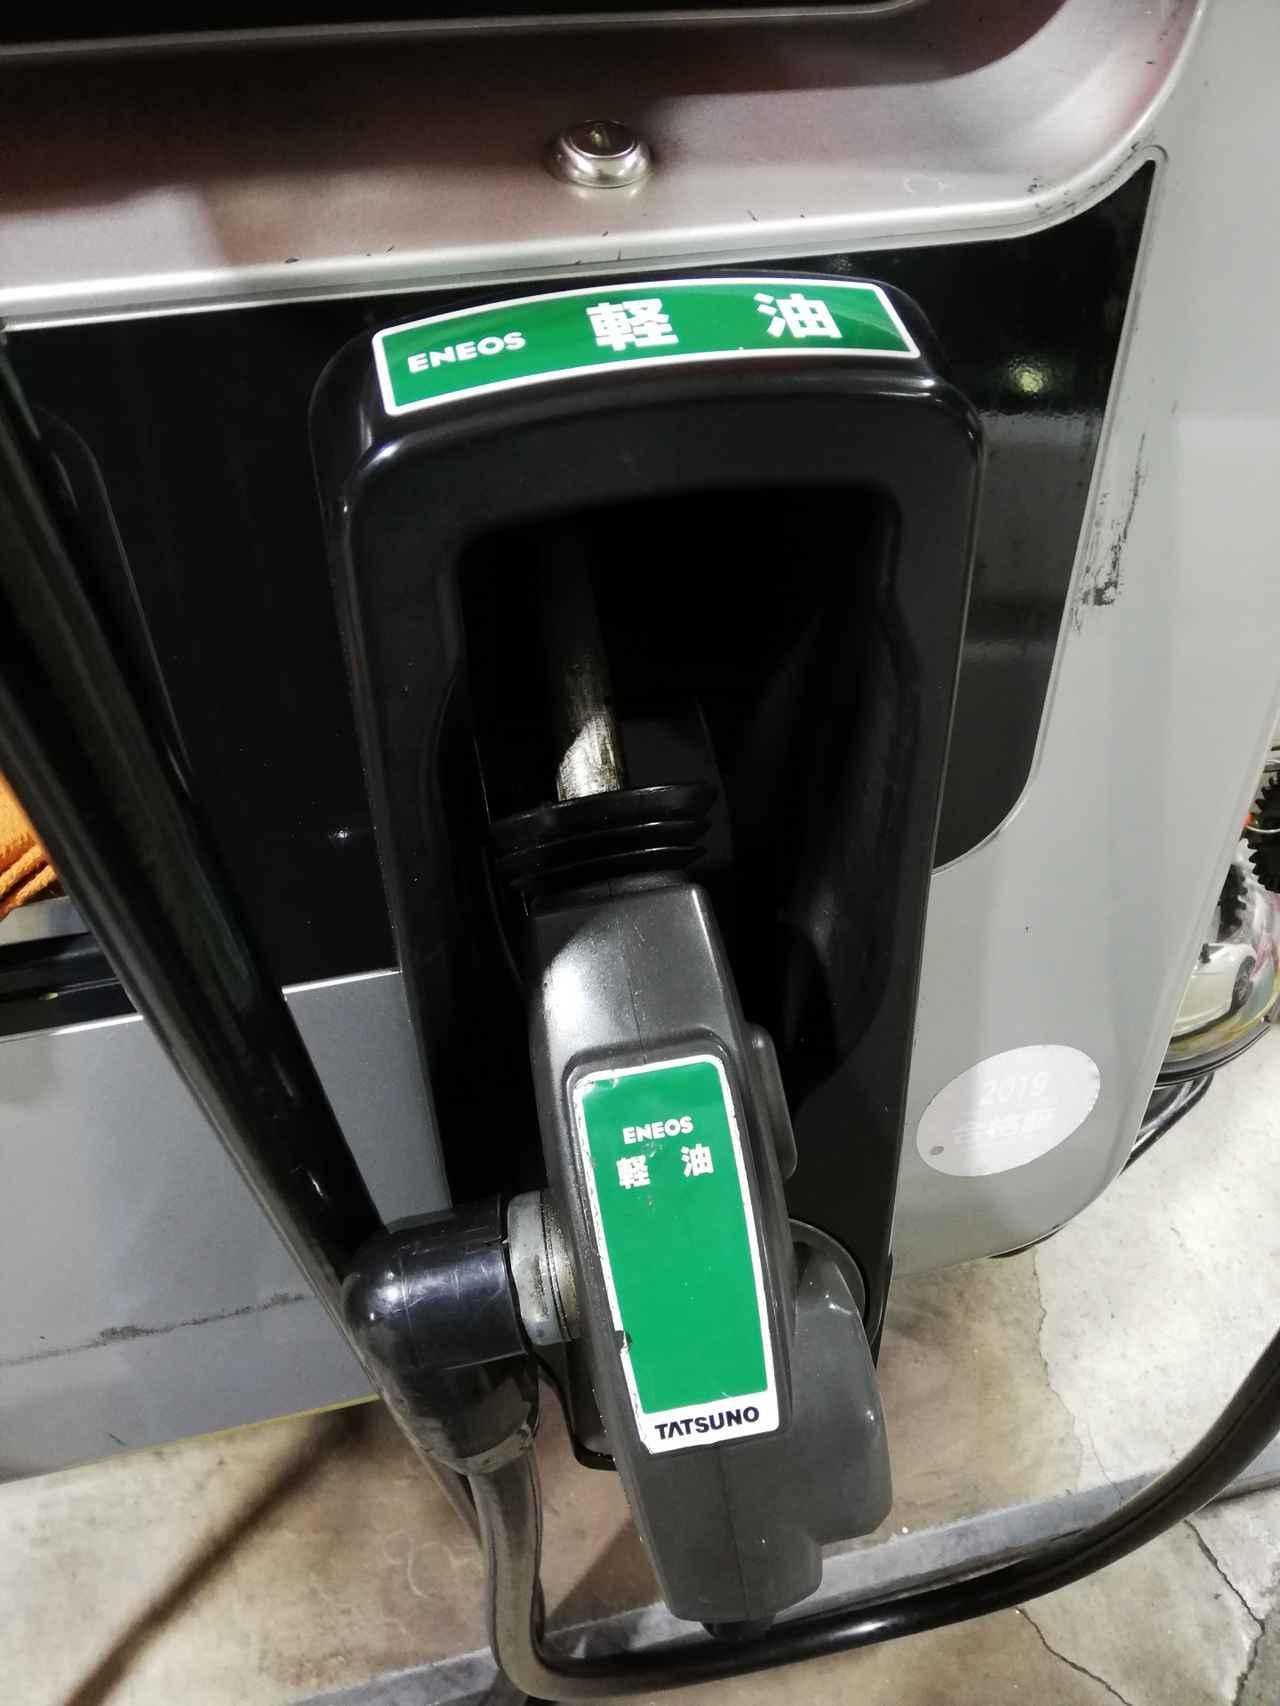 【クルマとお金】ガソリン、軽油には複数の税金の上に消費税がかかる! ちょっと複雑な仕組みを解説